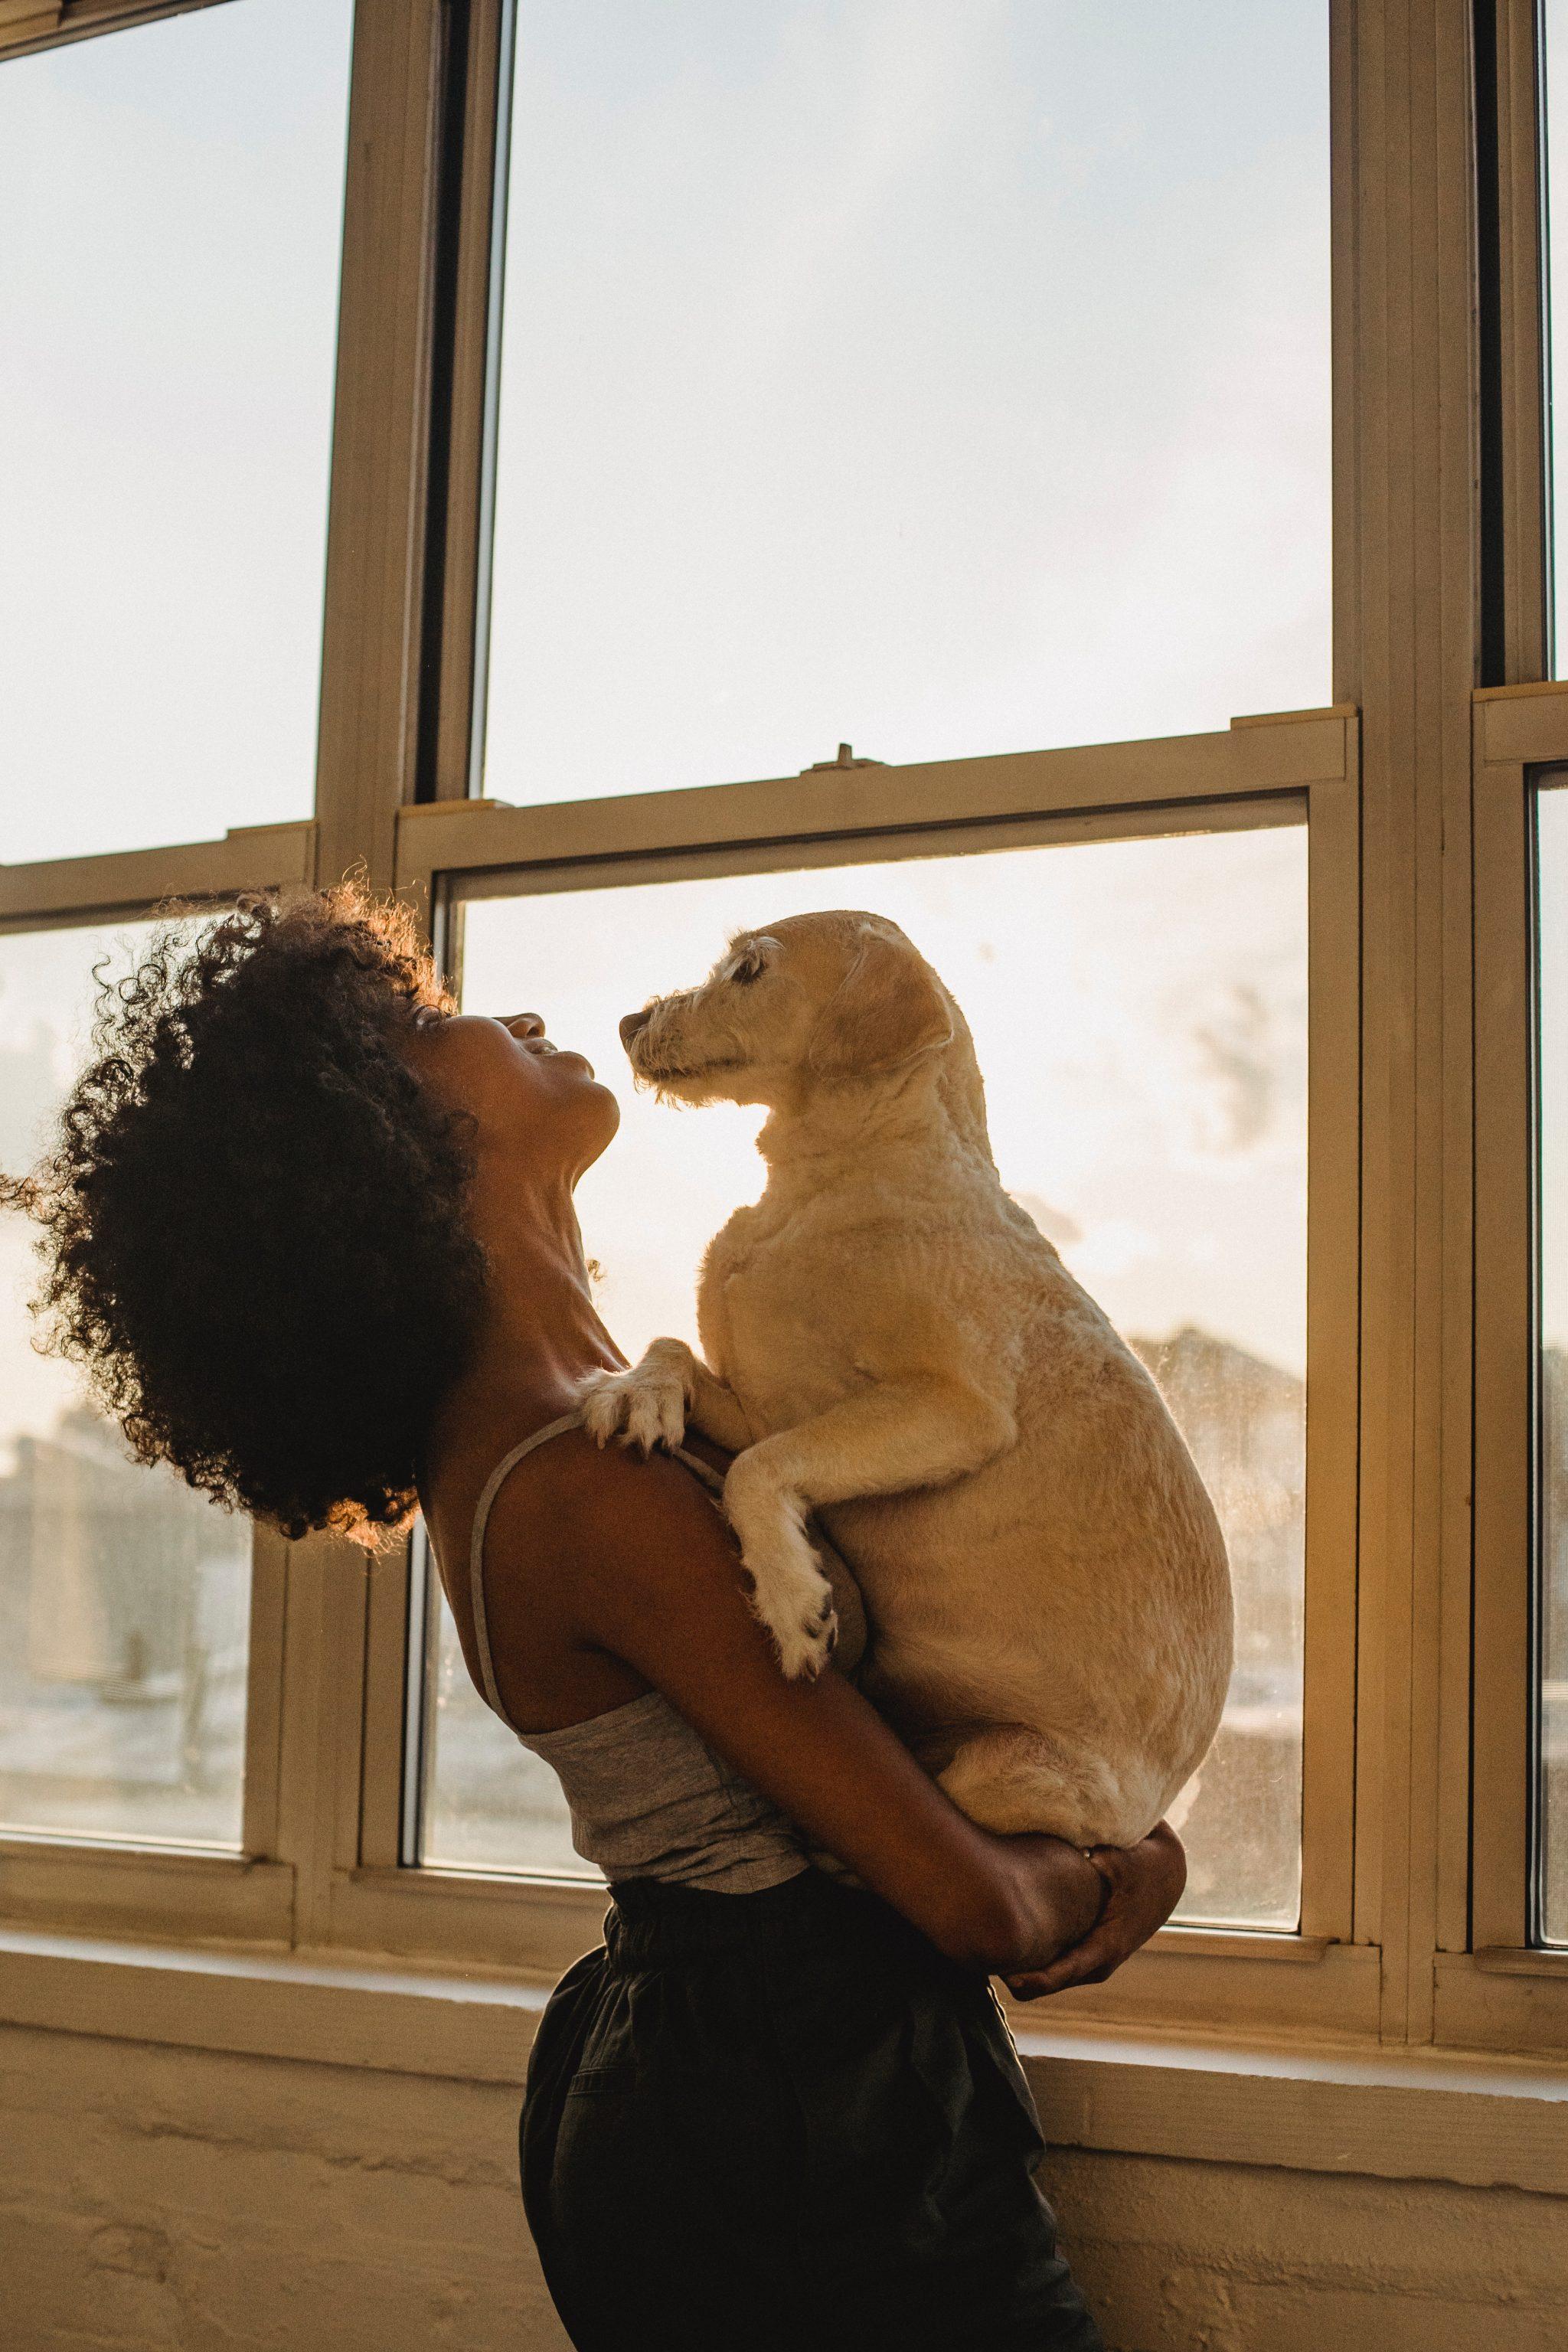 Os benefícios da companhia animal para os seres humanos